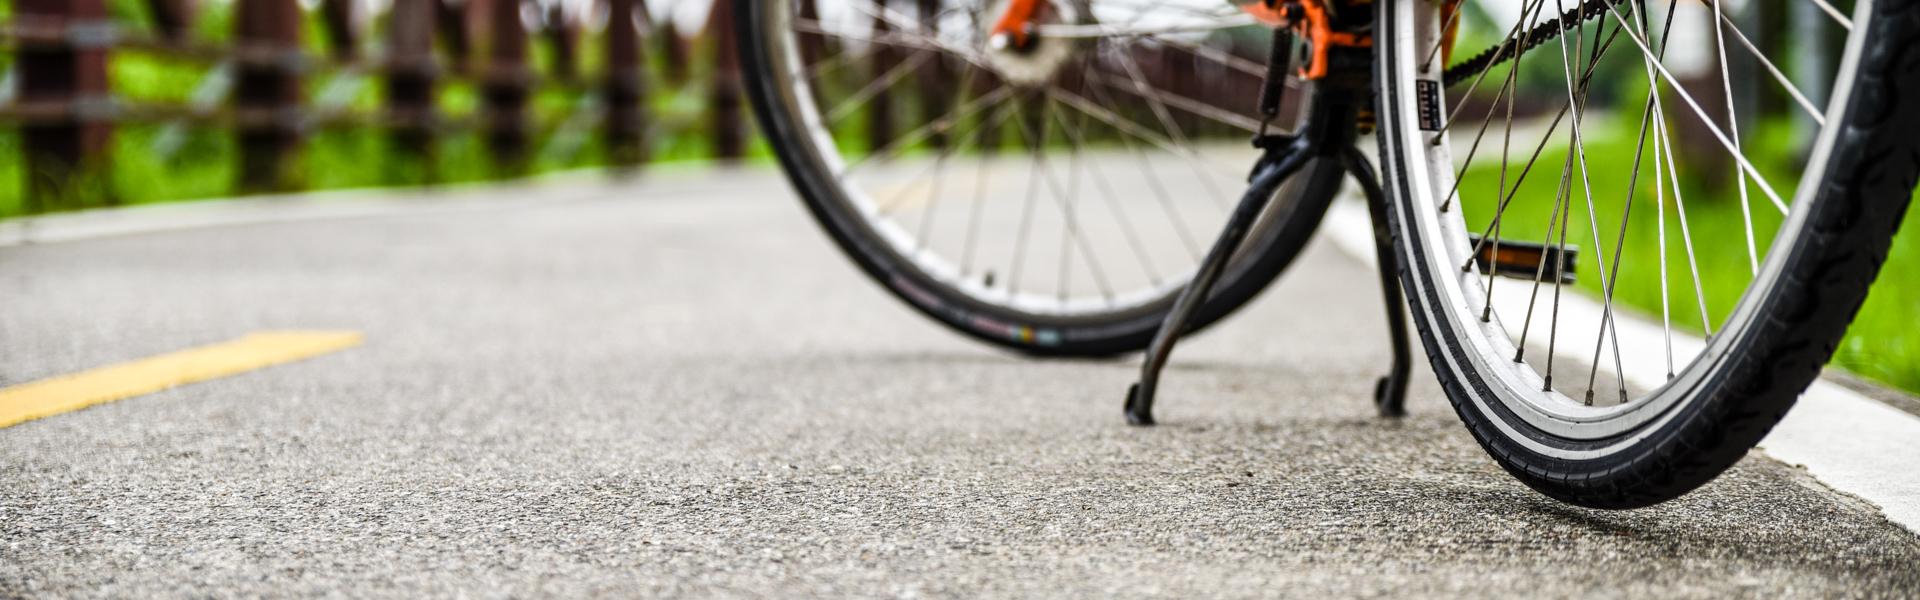 自行車單日遊路線,從大稻埕到淡水的騎乘指南